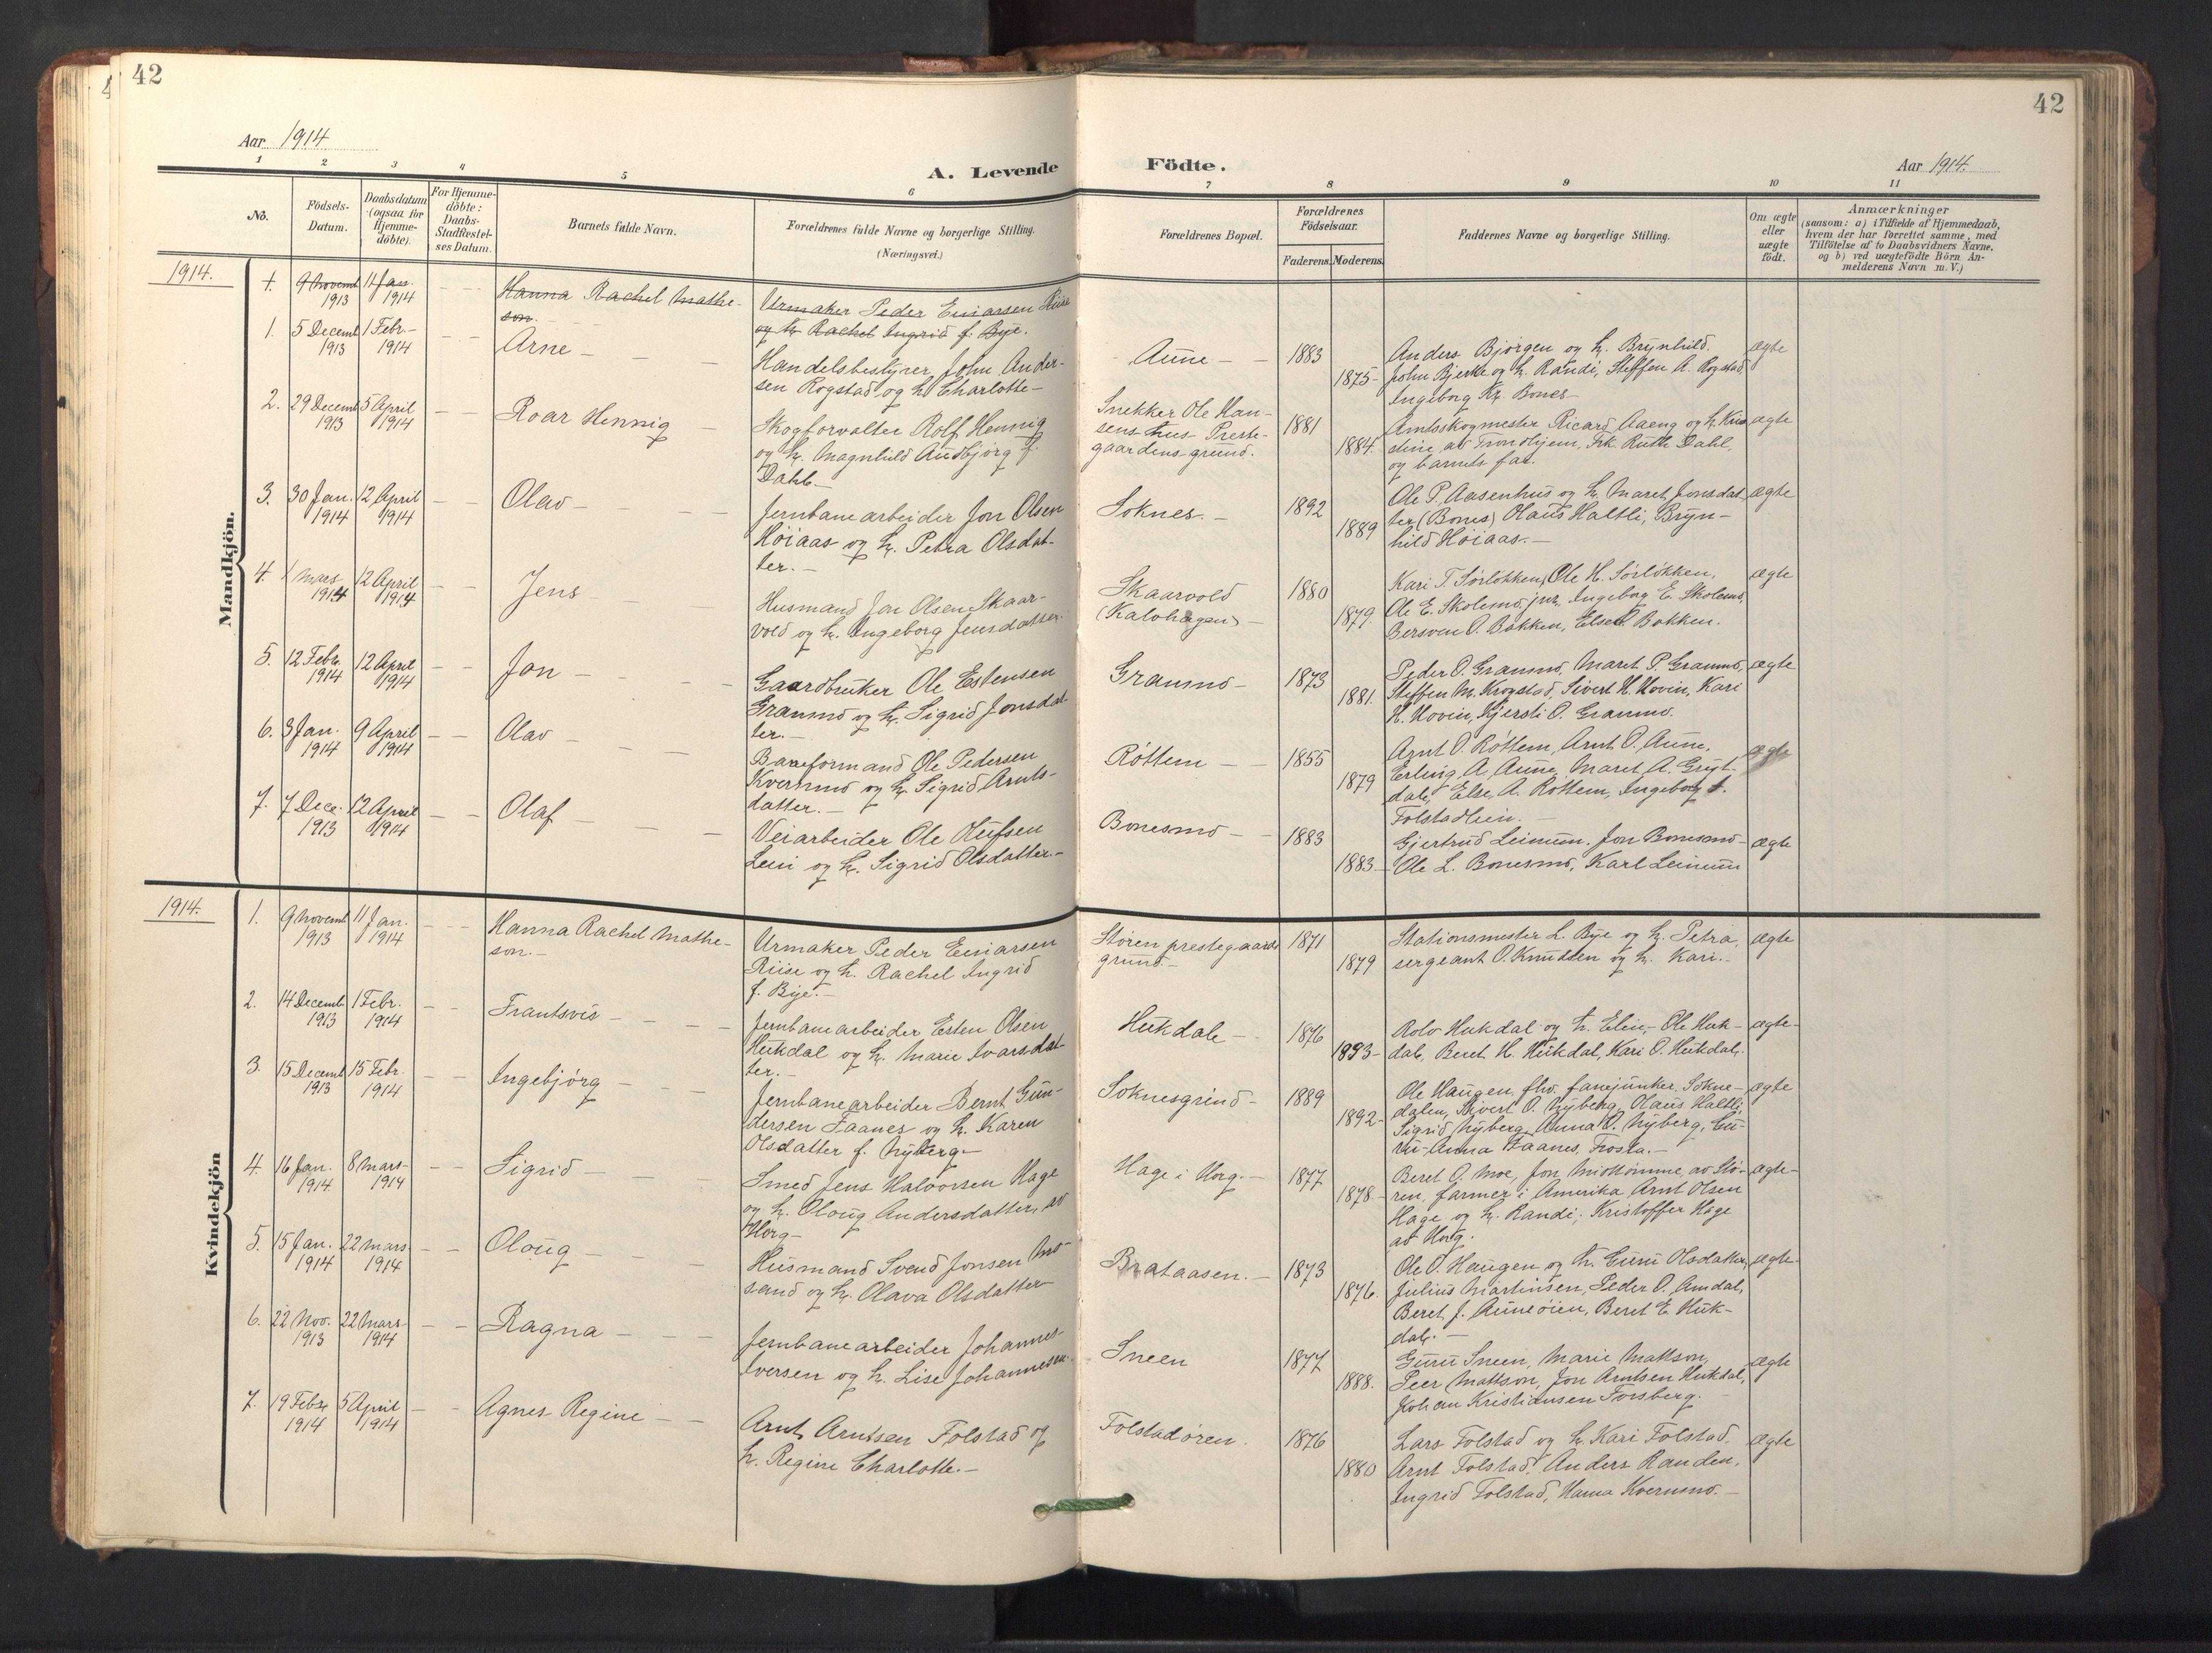 SAT, Ministerialprotokoller, klokkerbøker og fødselsregistre - Sør-Trøndelag, 687/L1019: Klokkerbok nr. 687C03, 1904-1931, s. 42